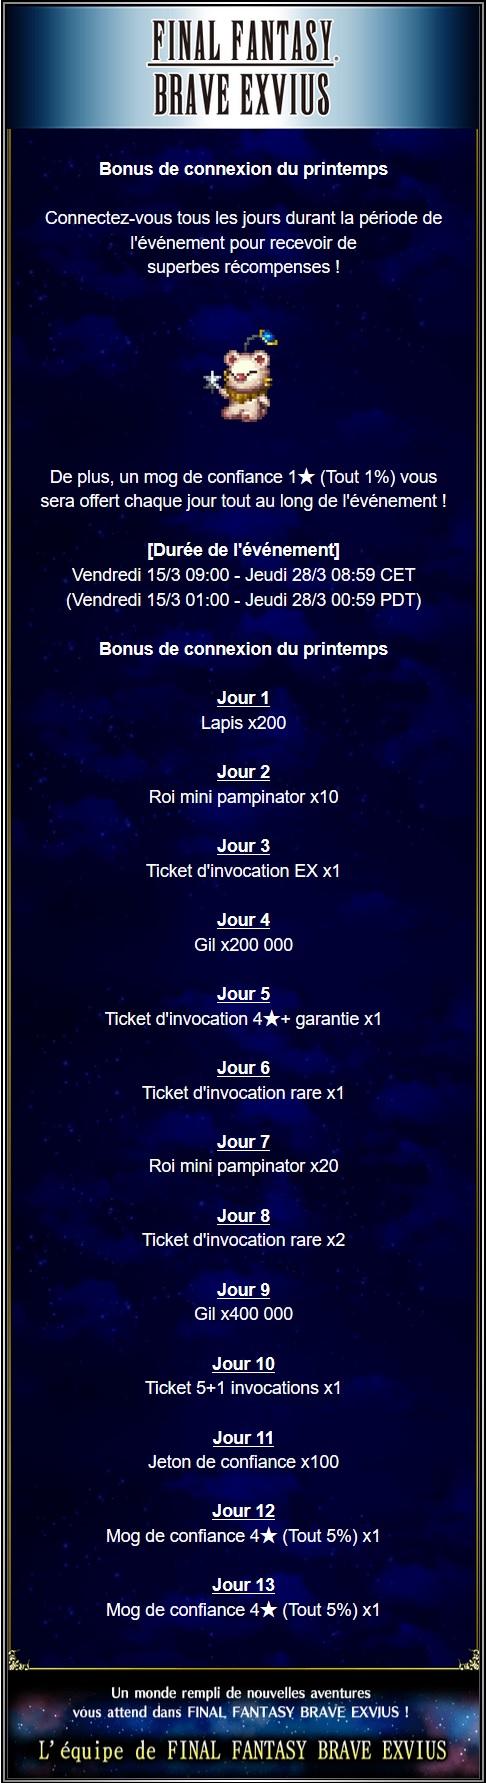 Bonus de connexion du Printemps - du 15/03 au 28/03/19 Captu124